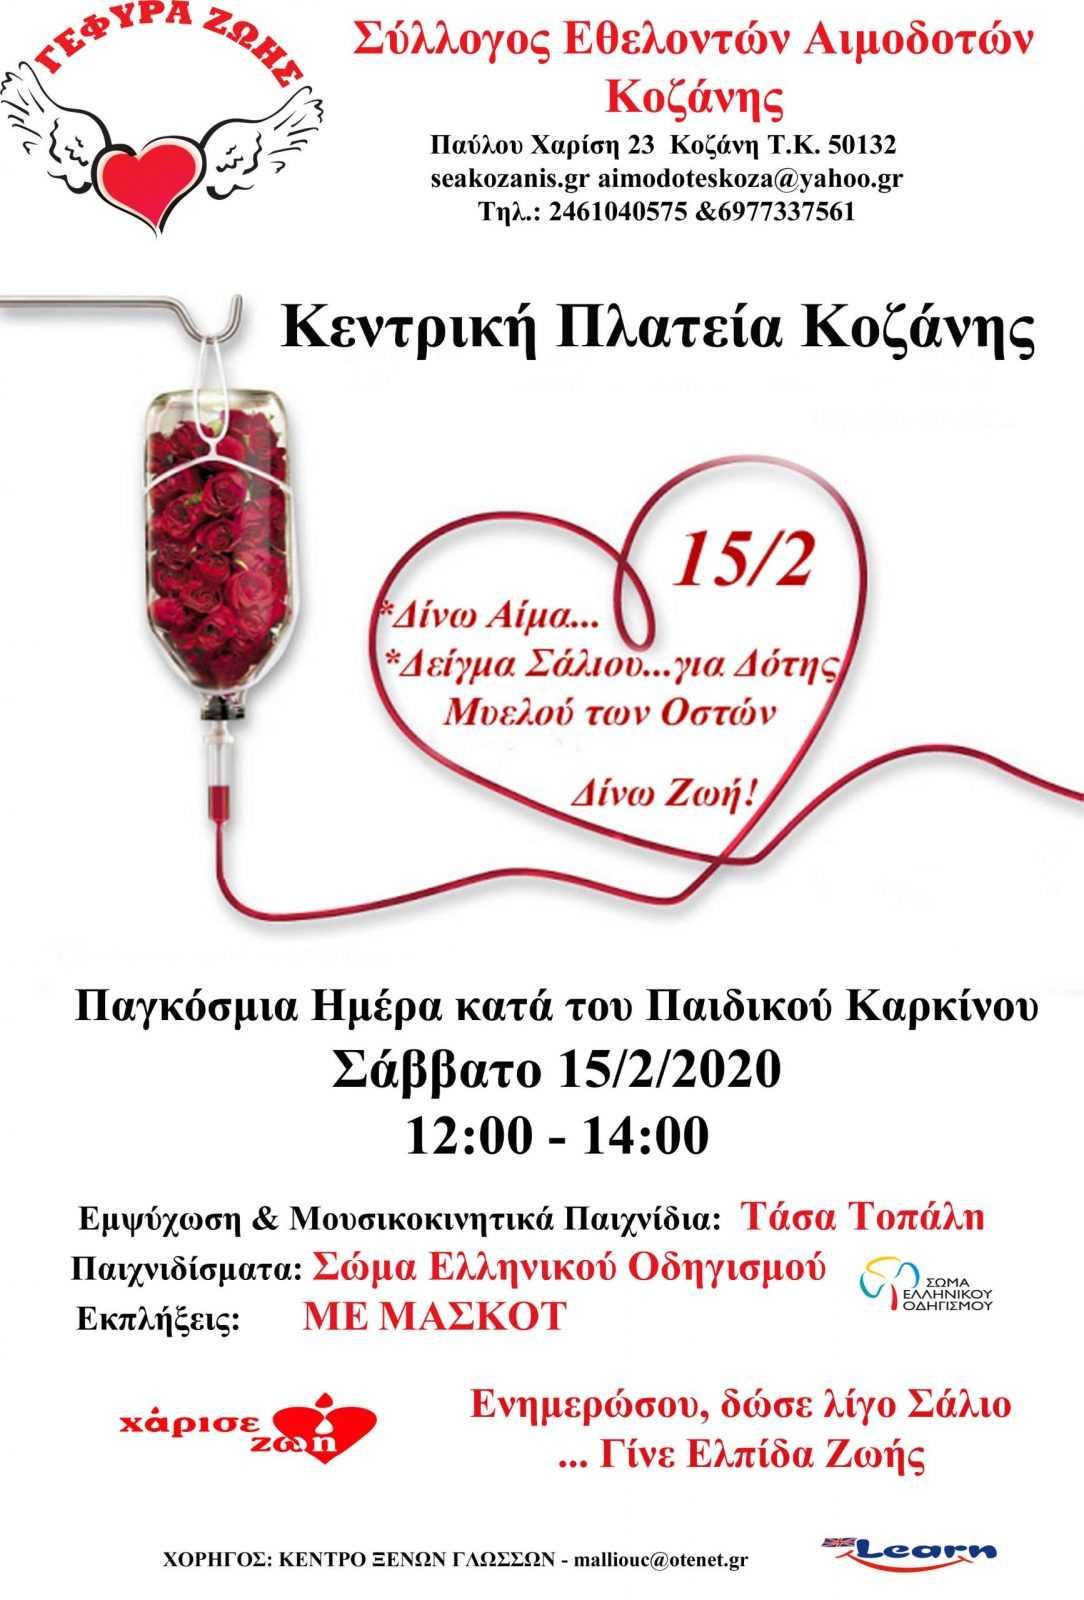 15 Φεβρουαρίου – Παγκόσμια Ημέρα κατά του Παιδικού Καρκίνου*.  Από 12:00- 14:00 ενημέρωση στην Κεντρική Πλατεία Κοζάνης.